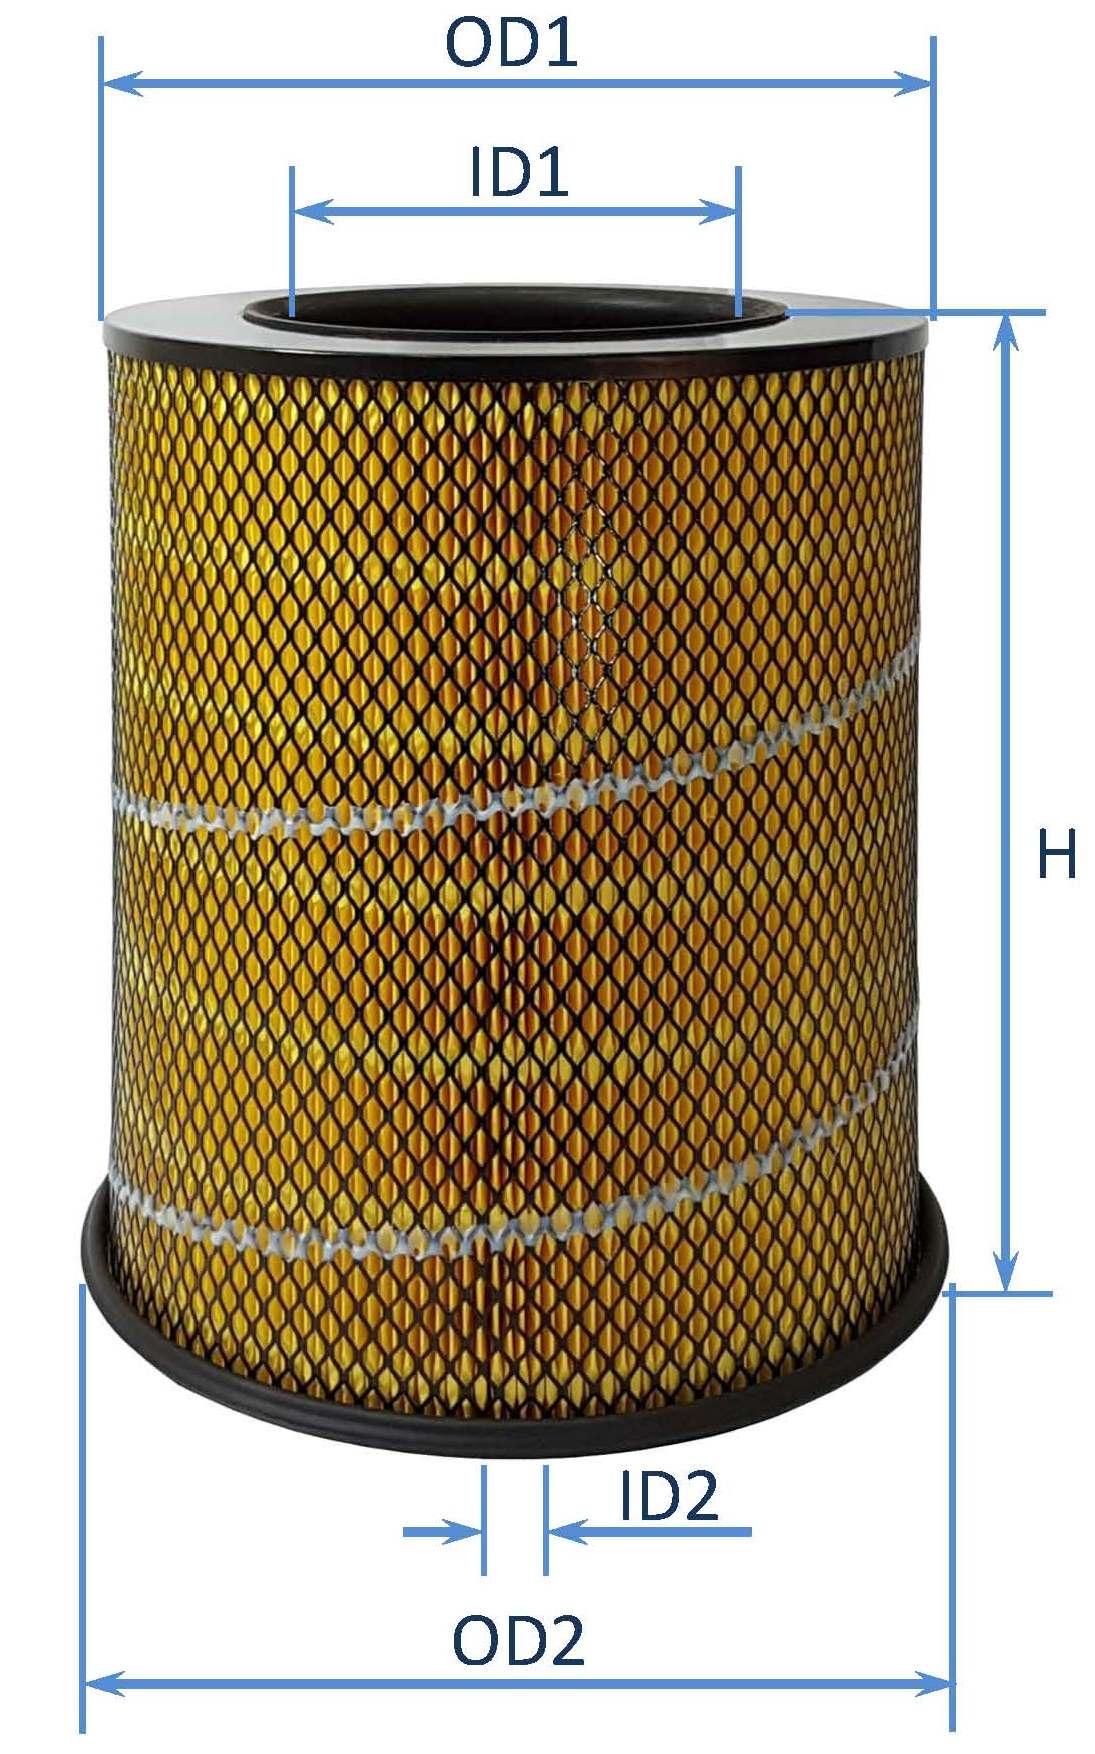 فیلتر هوای كاميون ولووFH12وNH12